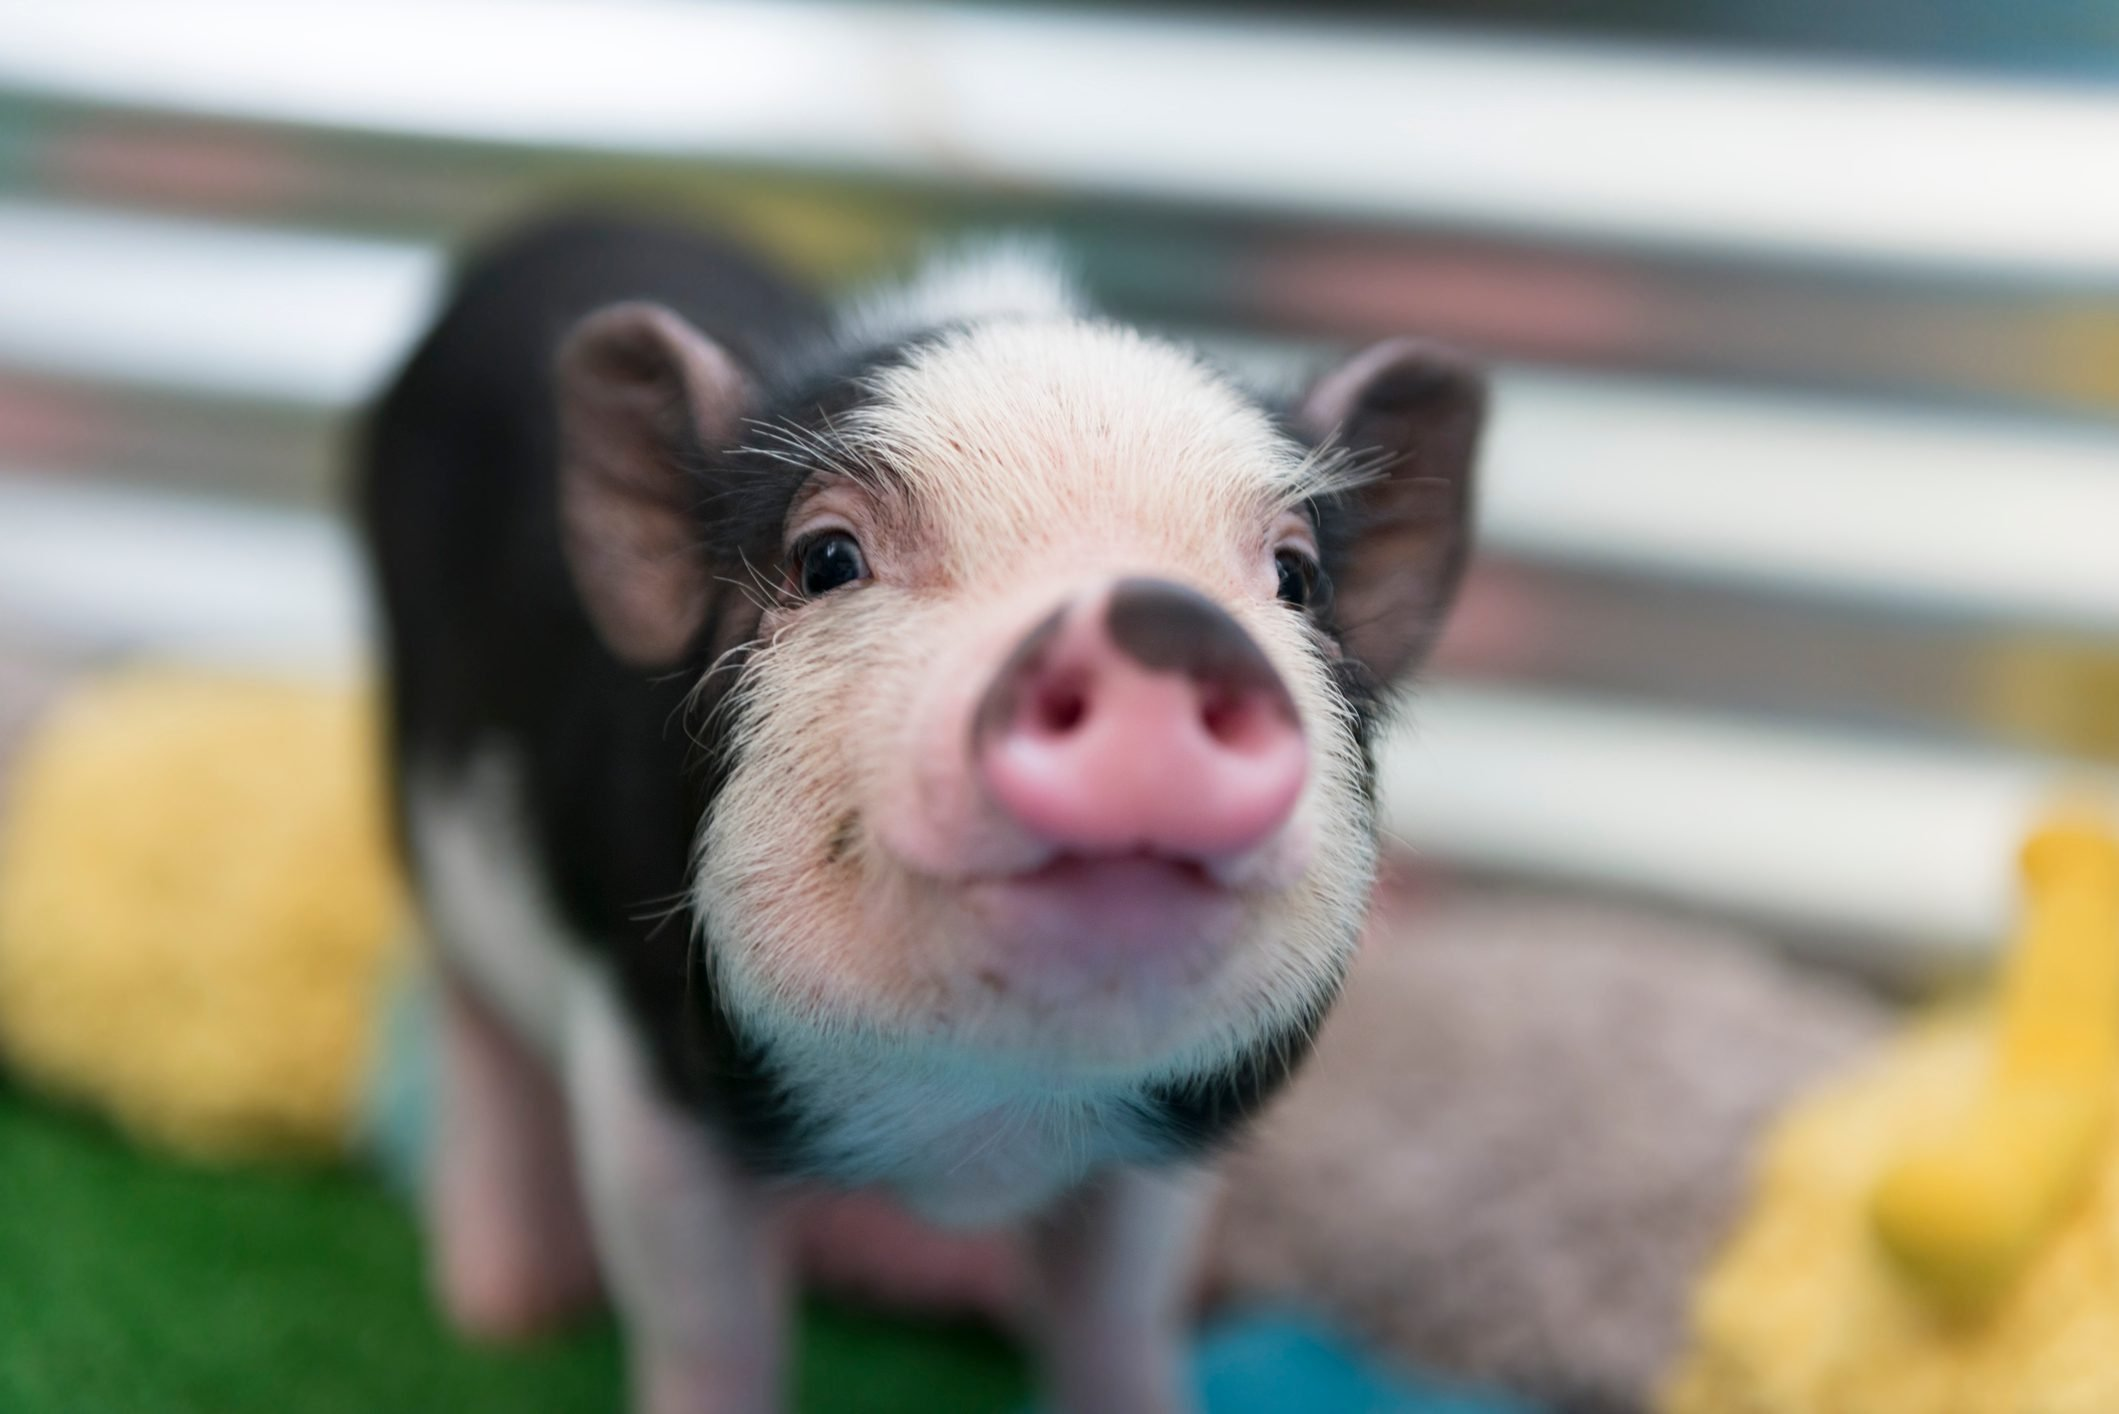 Cute baby piglet